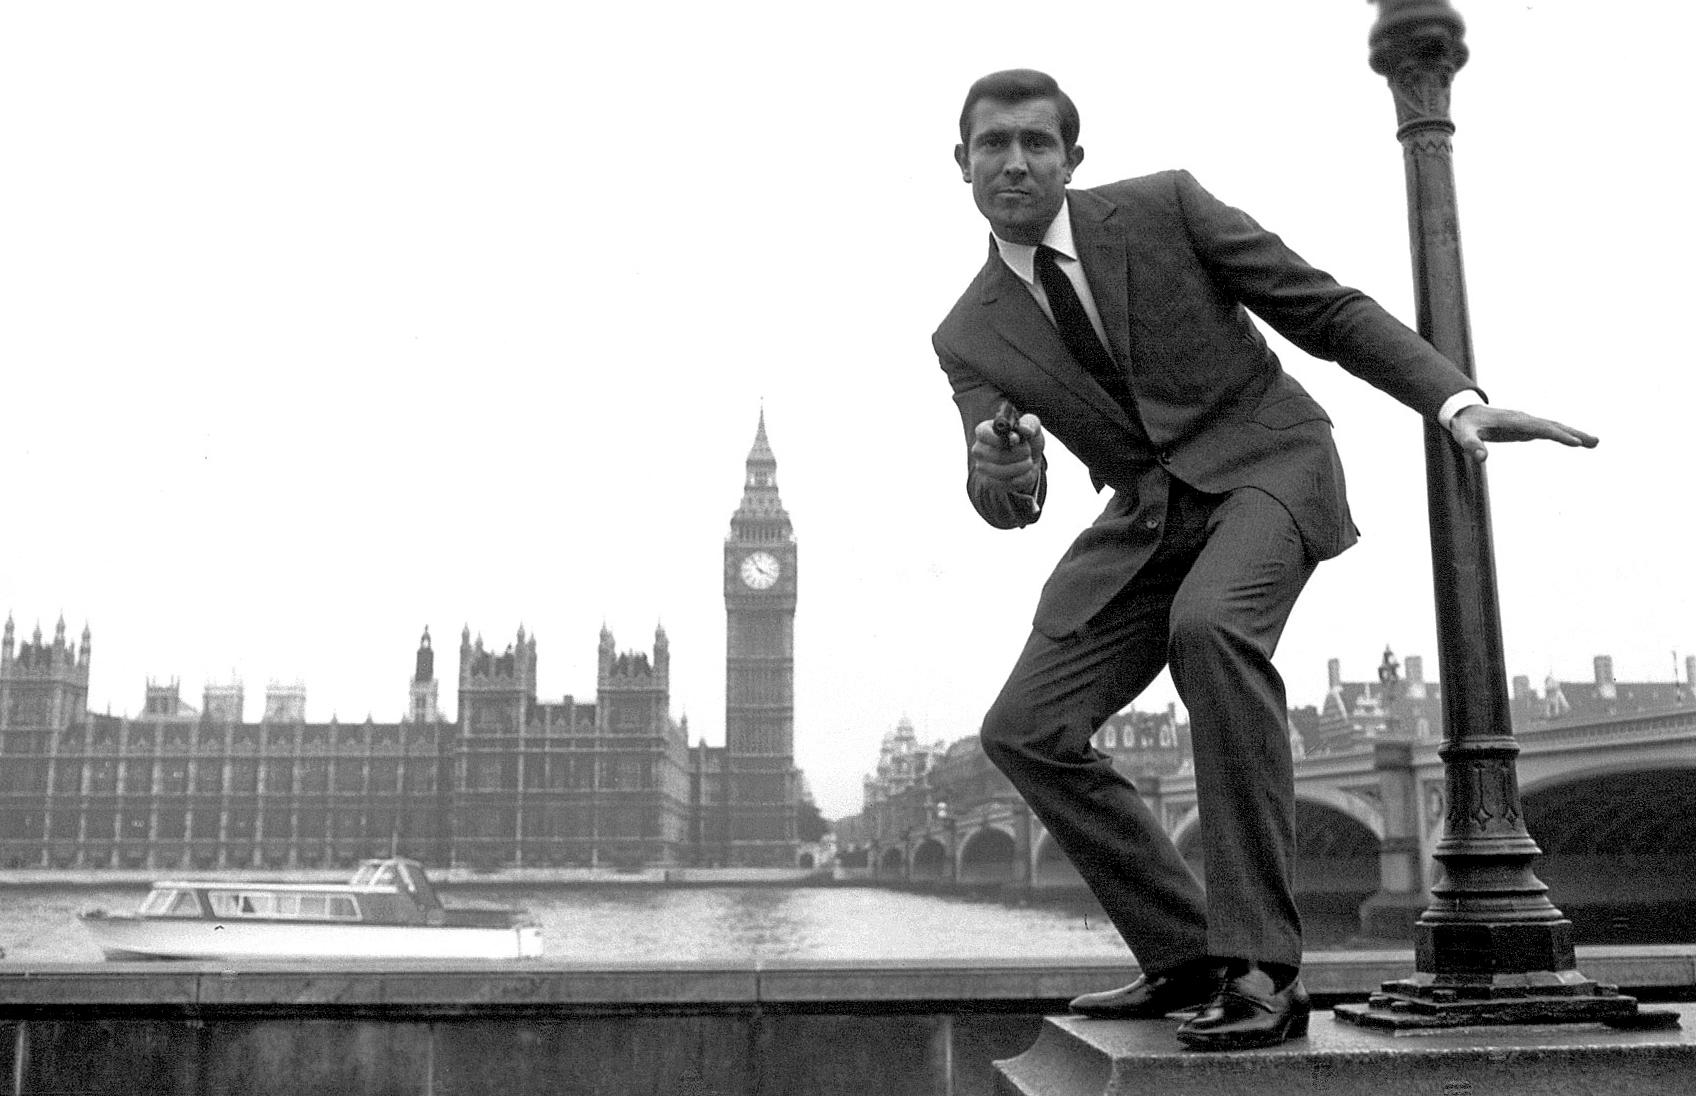 007 - A Serviço Secreto De Sua Majestade © Danjaq LLC, United Artist Corporation.Todos os DireitosReservados.